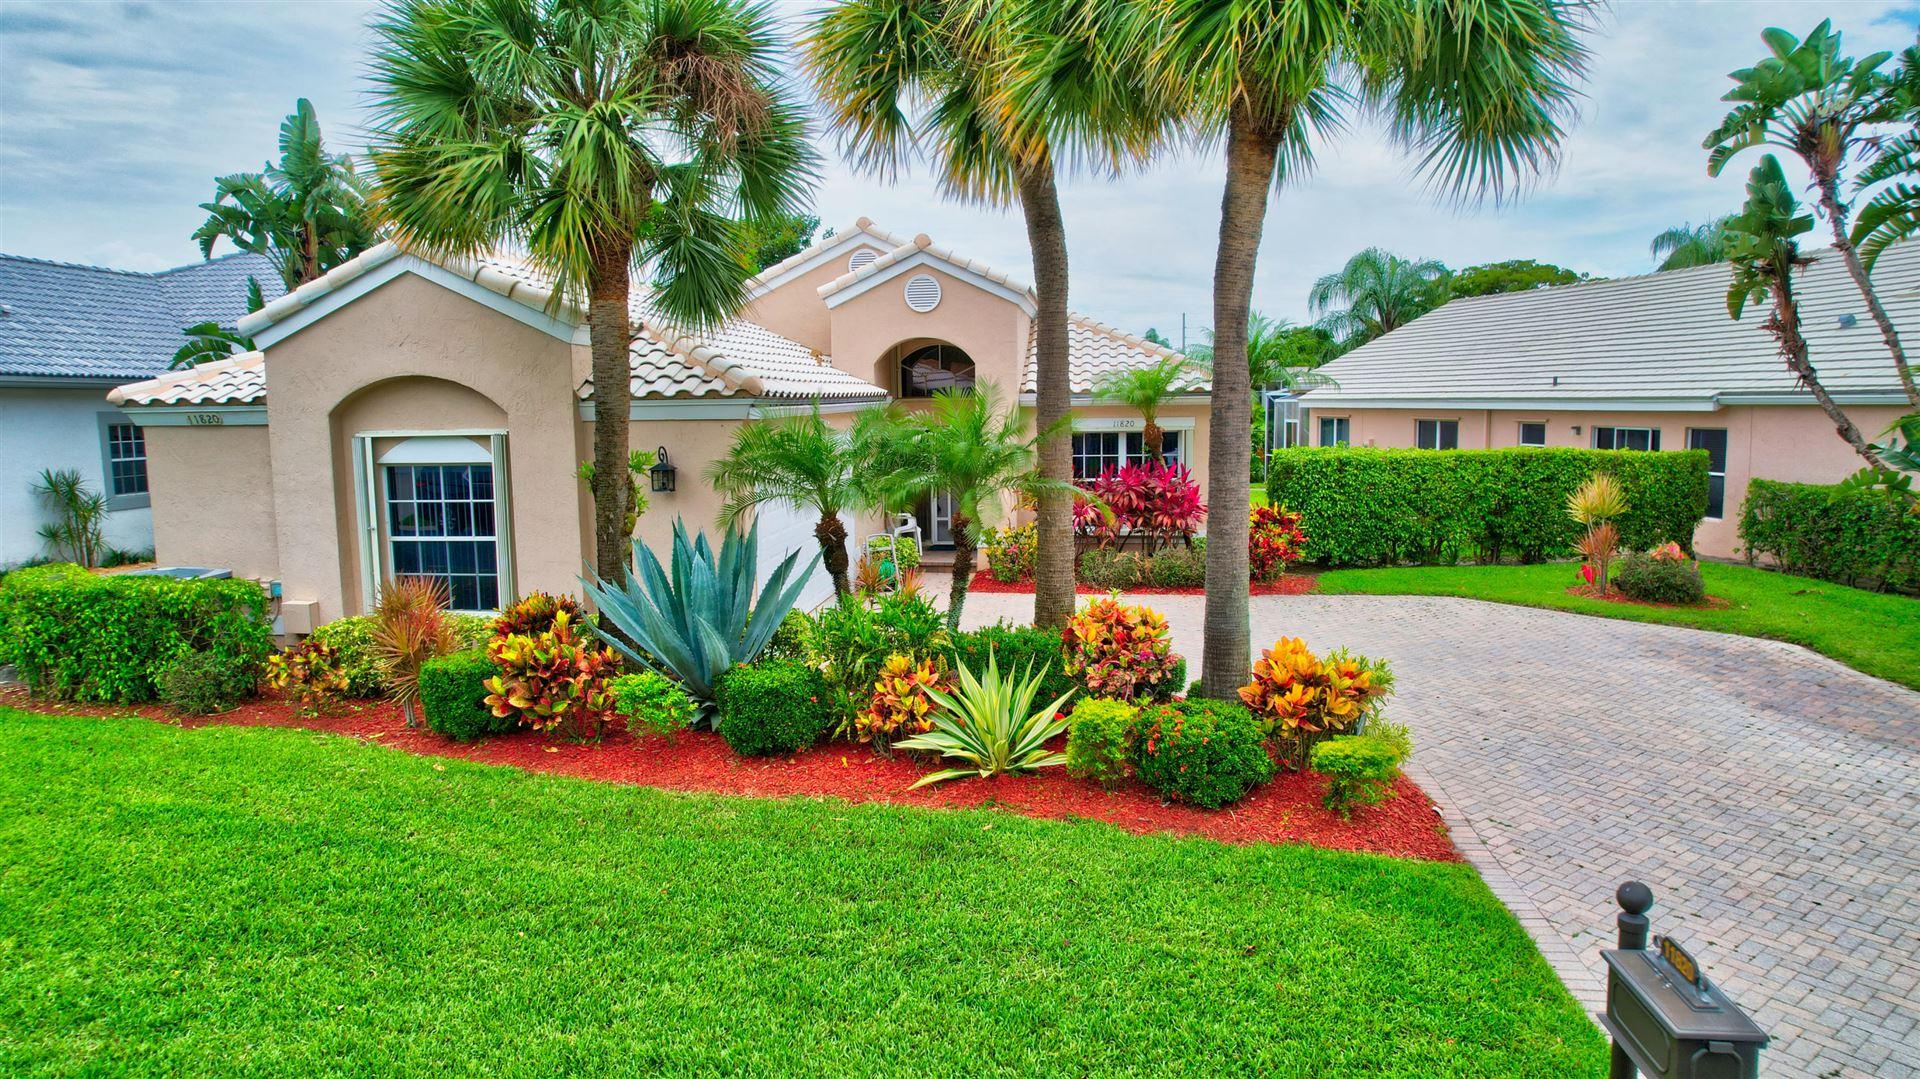 11820 Fountainside Circle, Boynton Beach, FL 33437 - #: RX-10715422